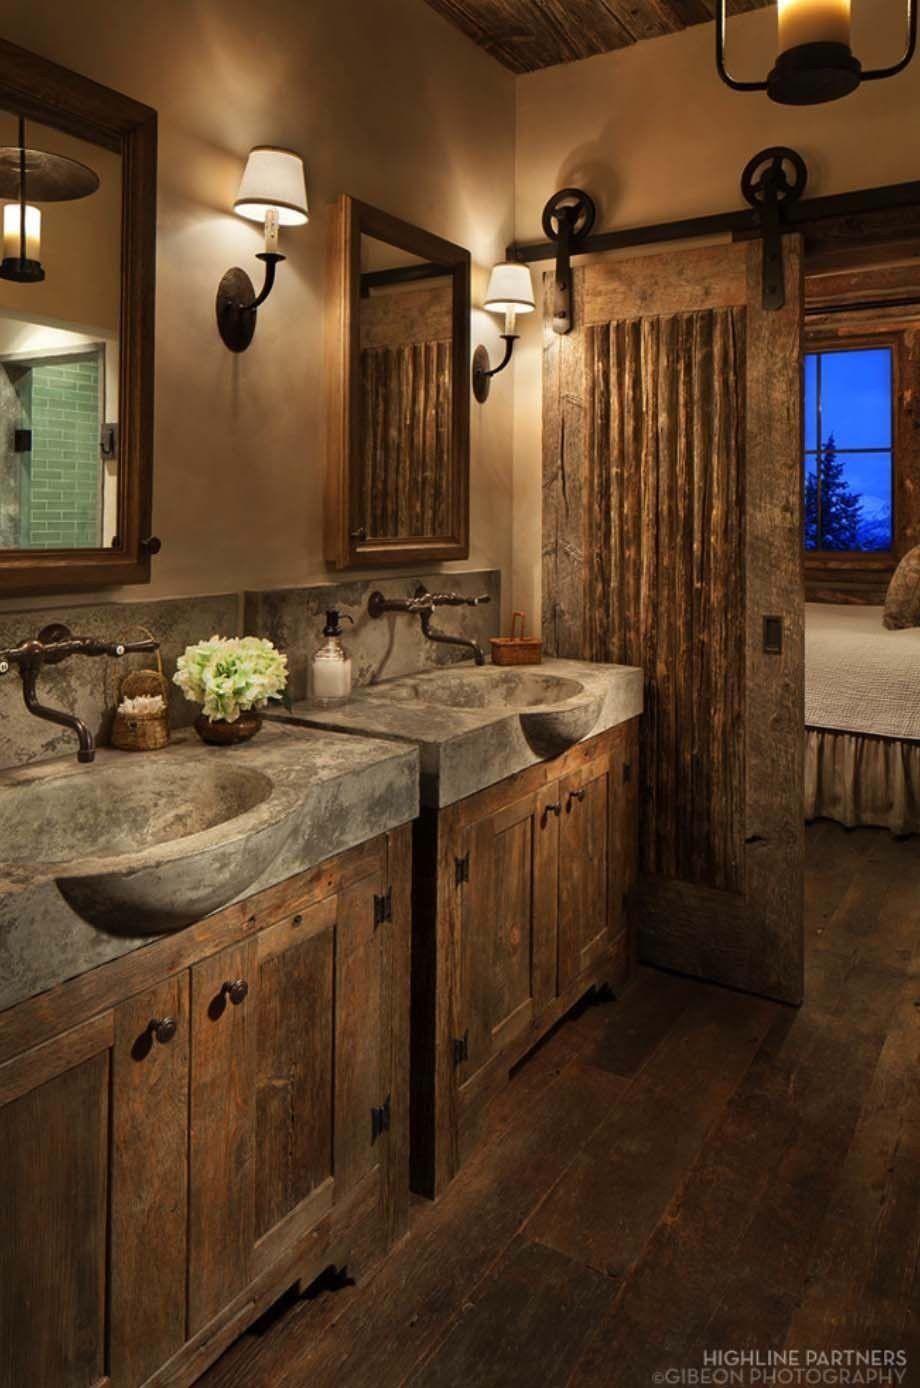 Western Themed Bathroom Ideas Rustic Bathroom Remodel Rustic Bathroom Decor Bathroom Vanity Remodel